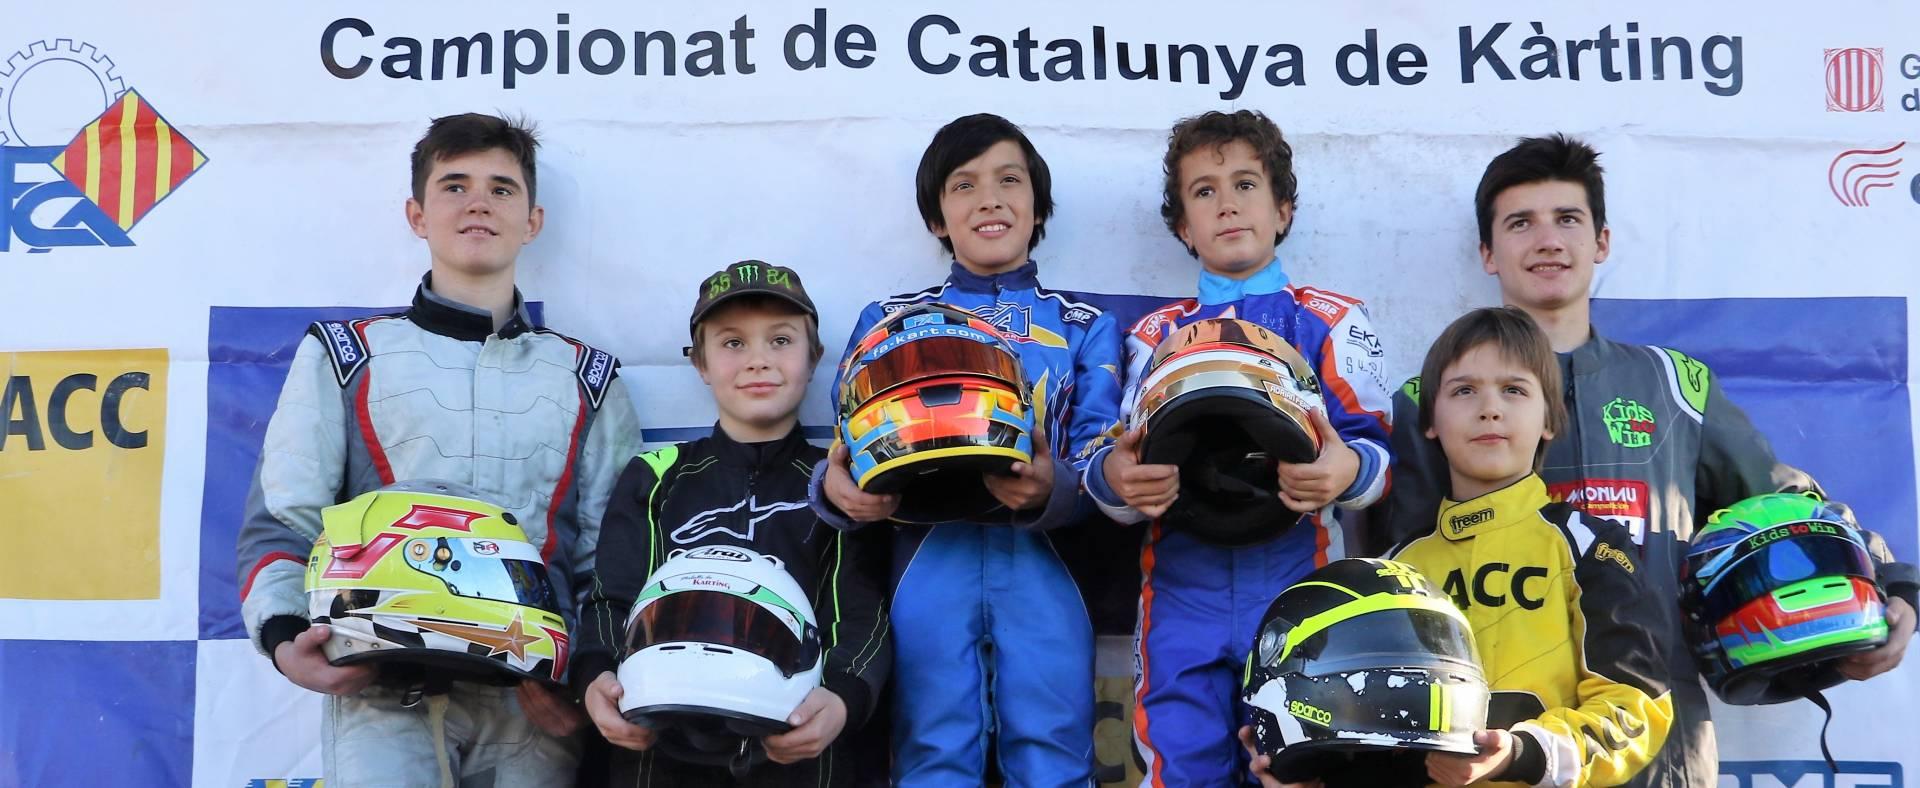 L'última cita a Alcarràs decideix els campionats de Catalunya de kàrting